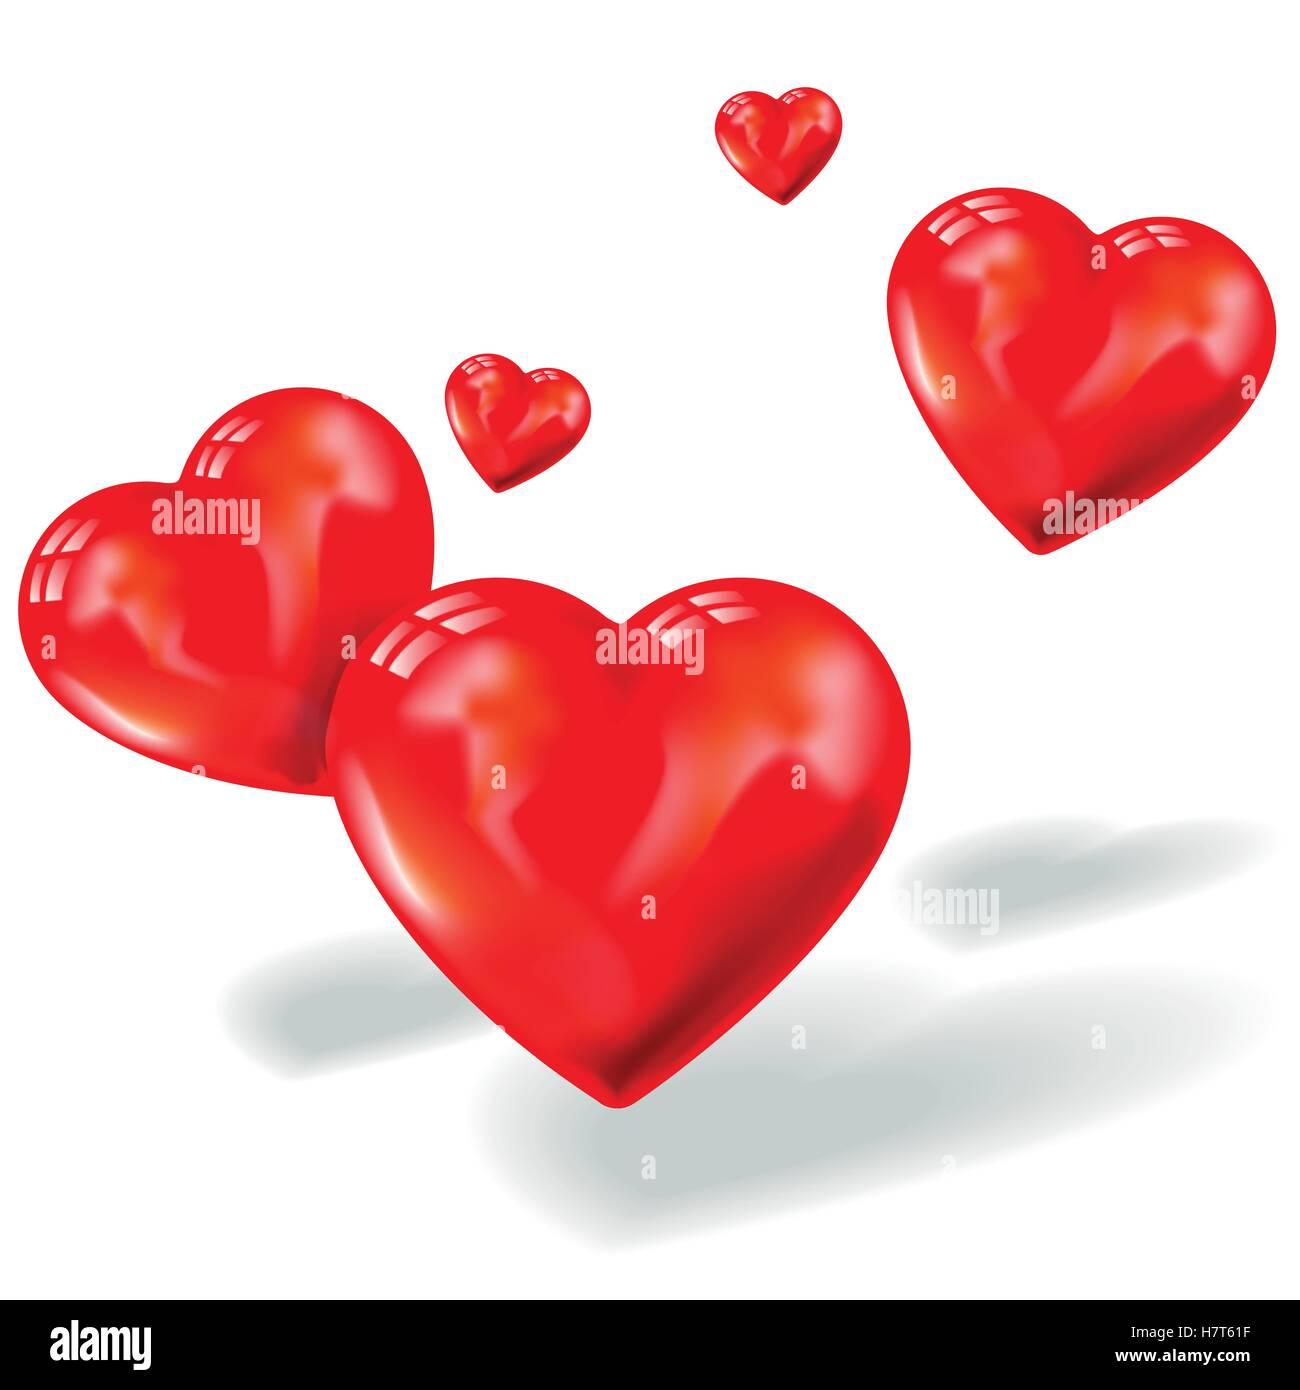 romantische, Herzen, herzlich, Liebe, verliebt, verliebte